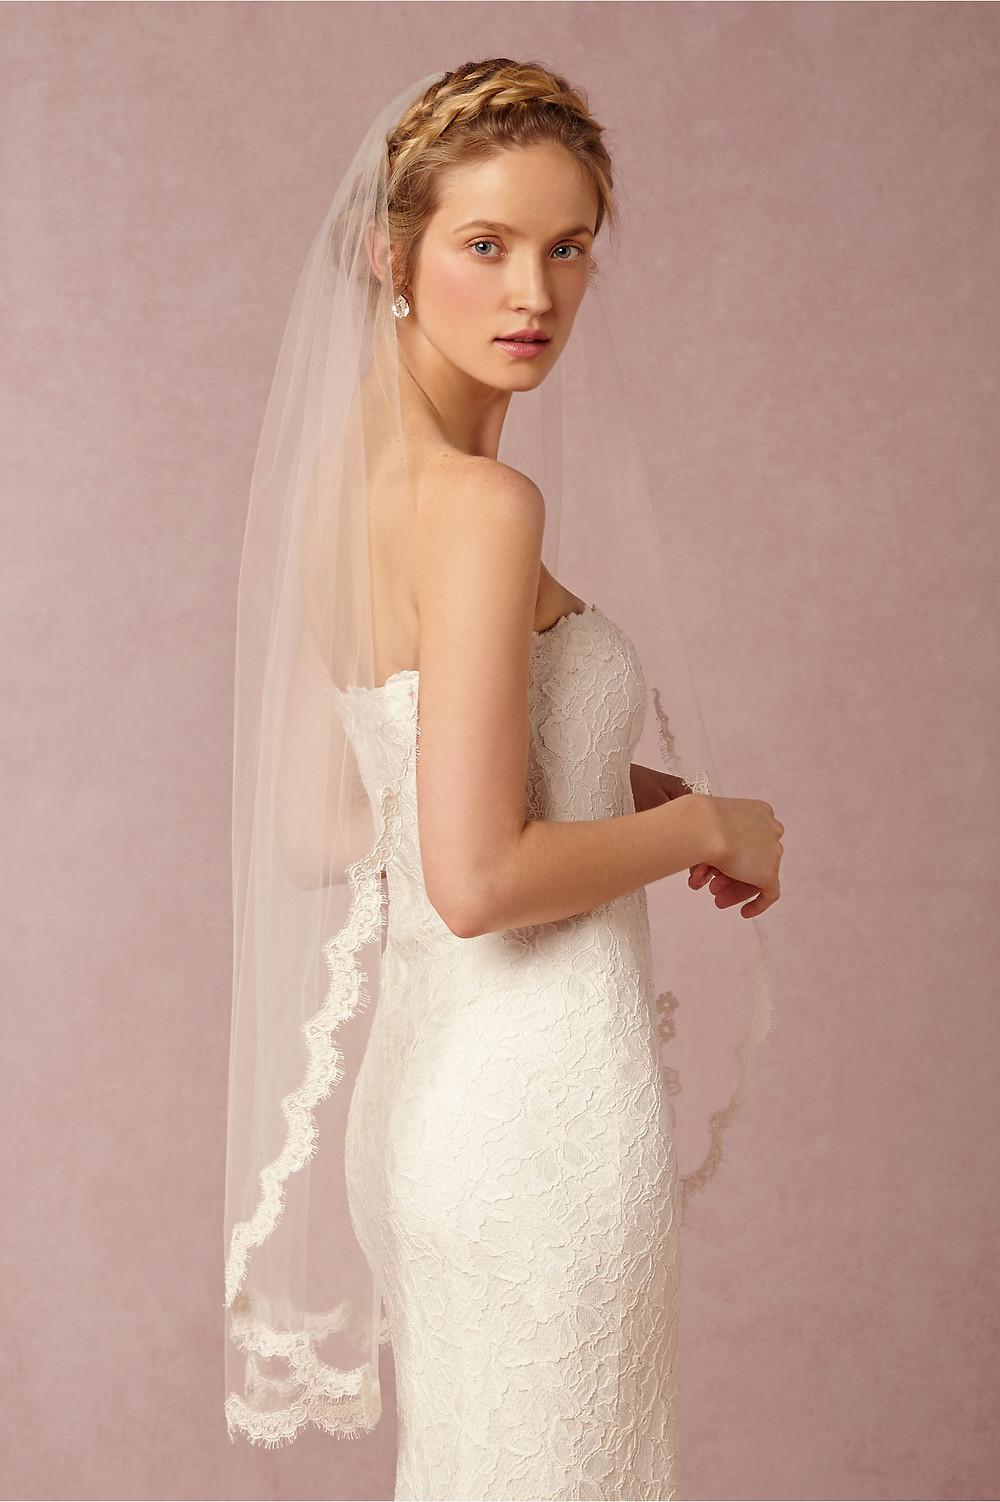 Bride wearing a fingertip veil